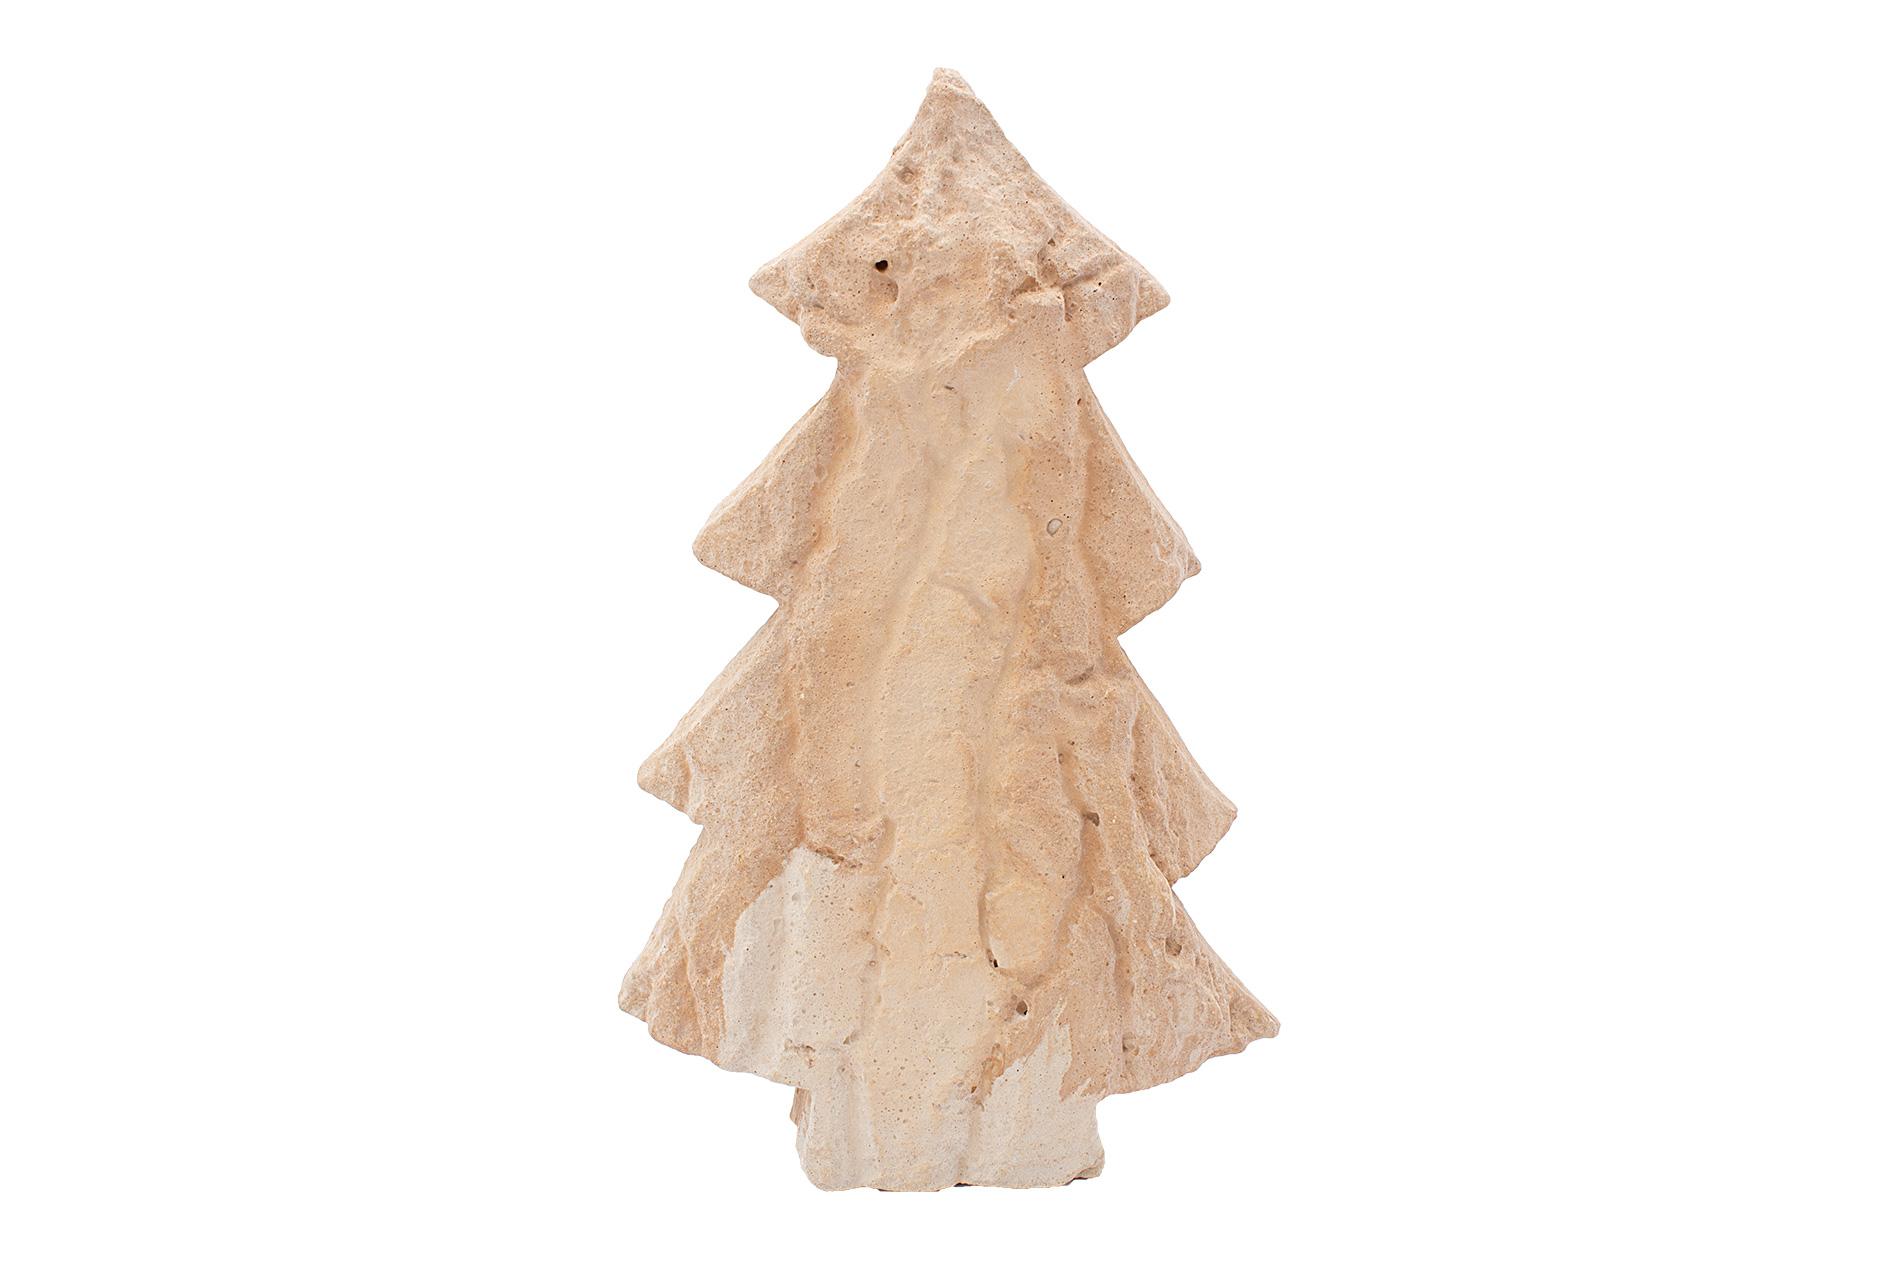 Weihnachtsbaum, Tanne, klein,  mit Rindenstruktur, Sandsteinguss,  25 x 17 x  5 cm